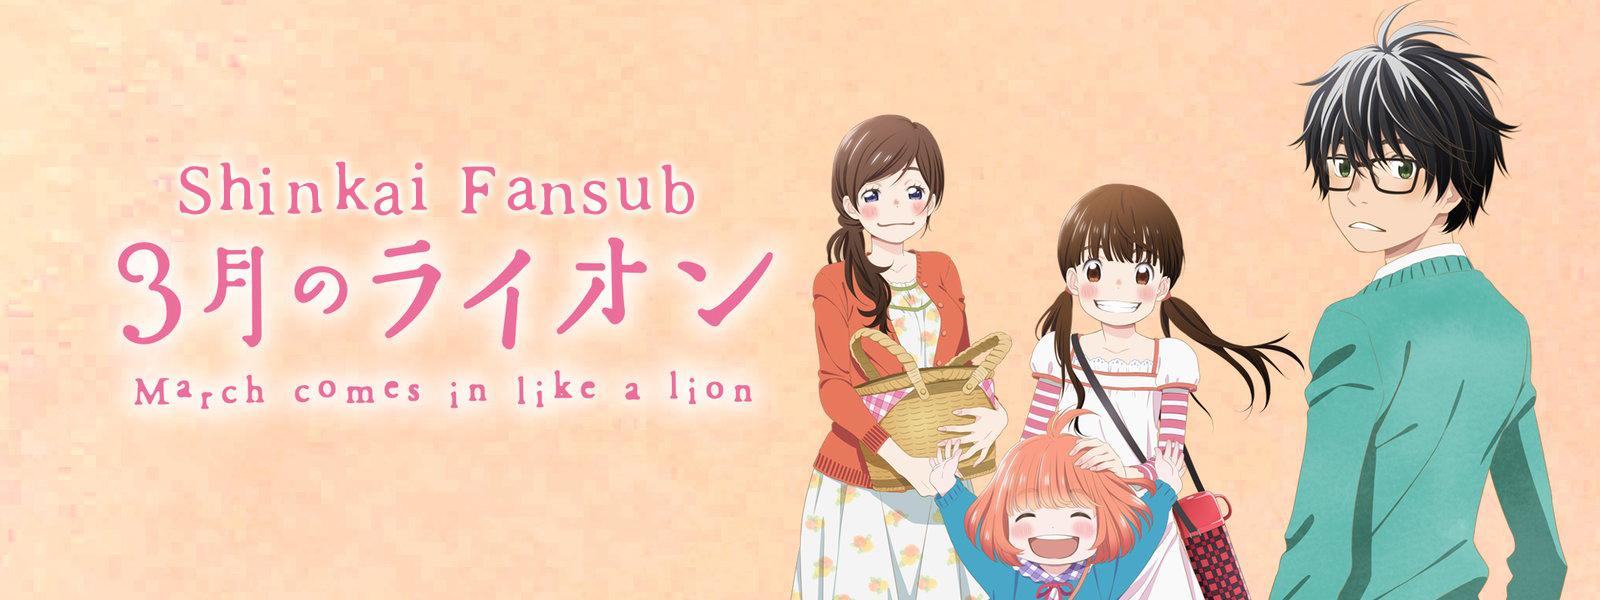 3-gatsu no Lion - Banner @ Sawlyn - Shinkai Fansub